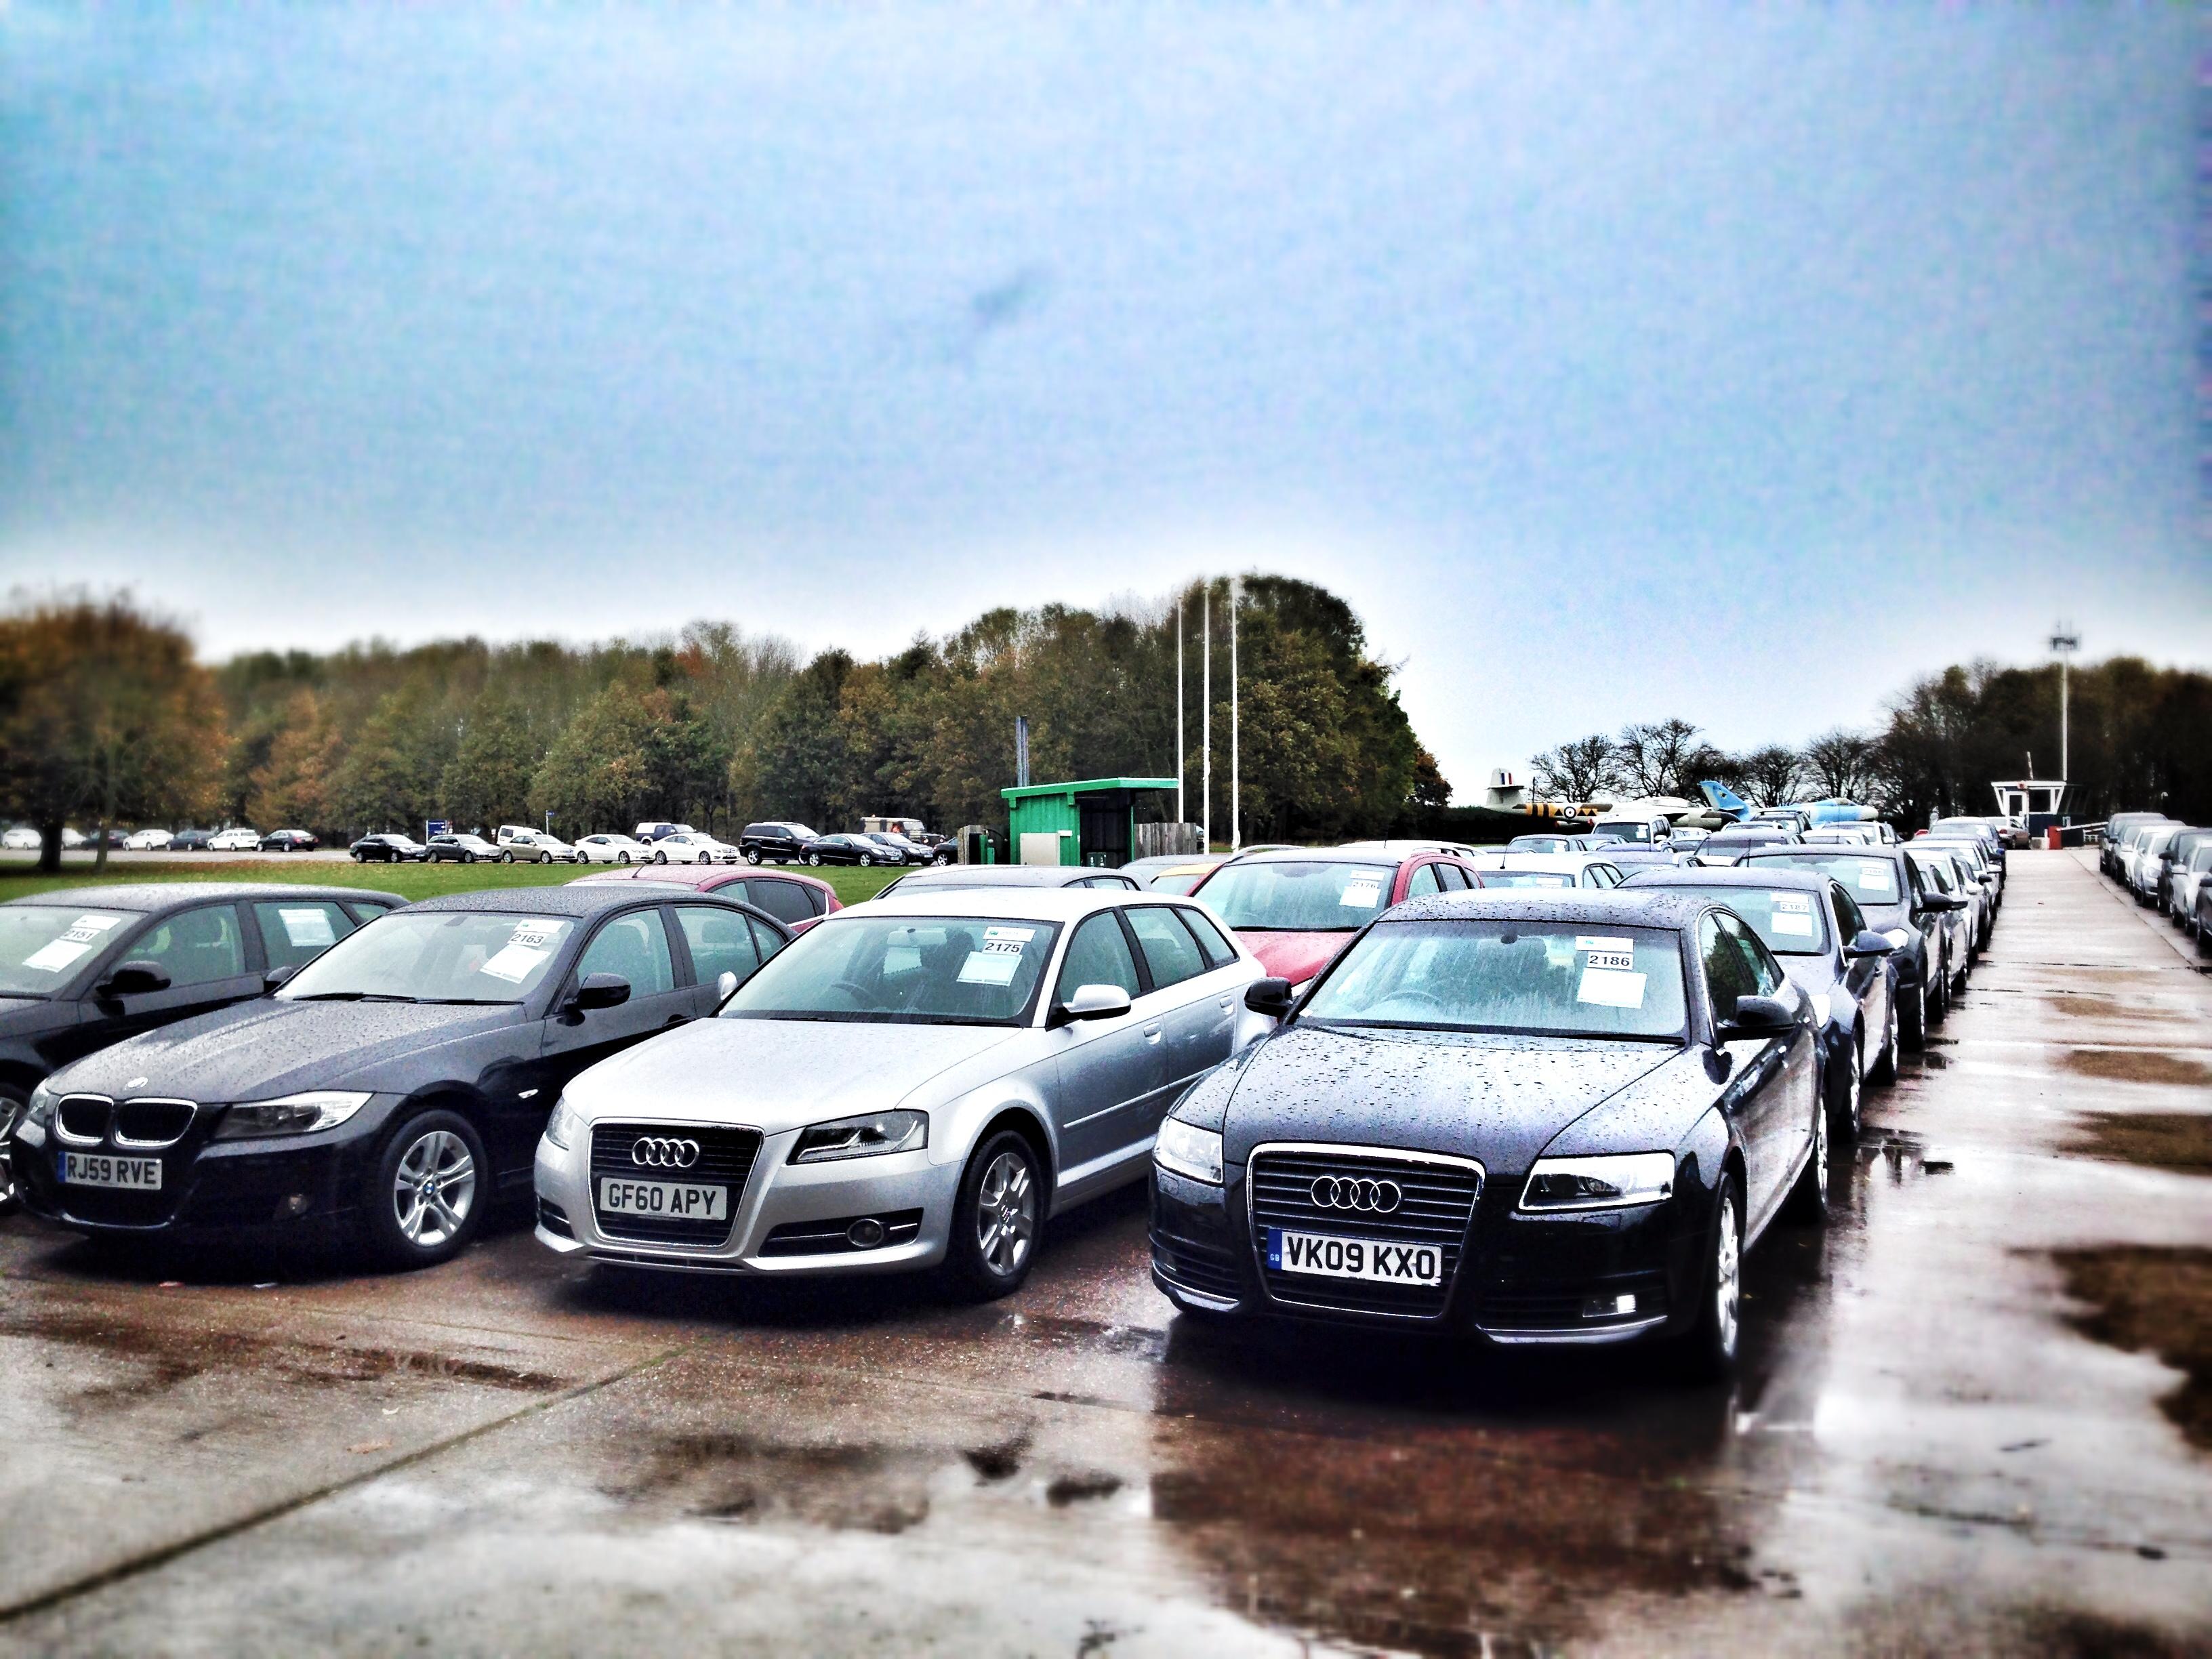 Ex Lease Car Auctions Melbourne